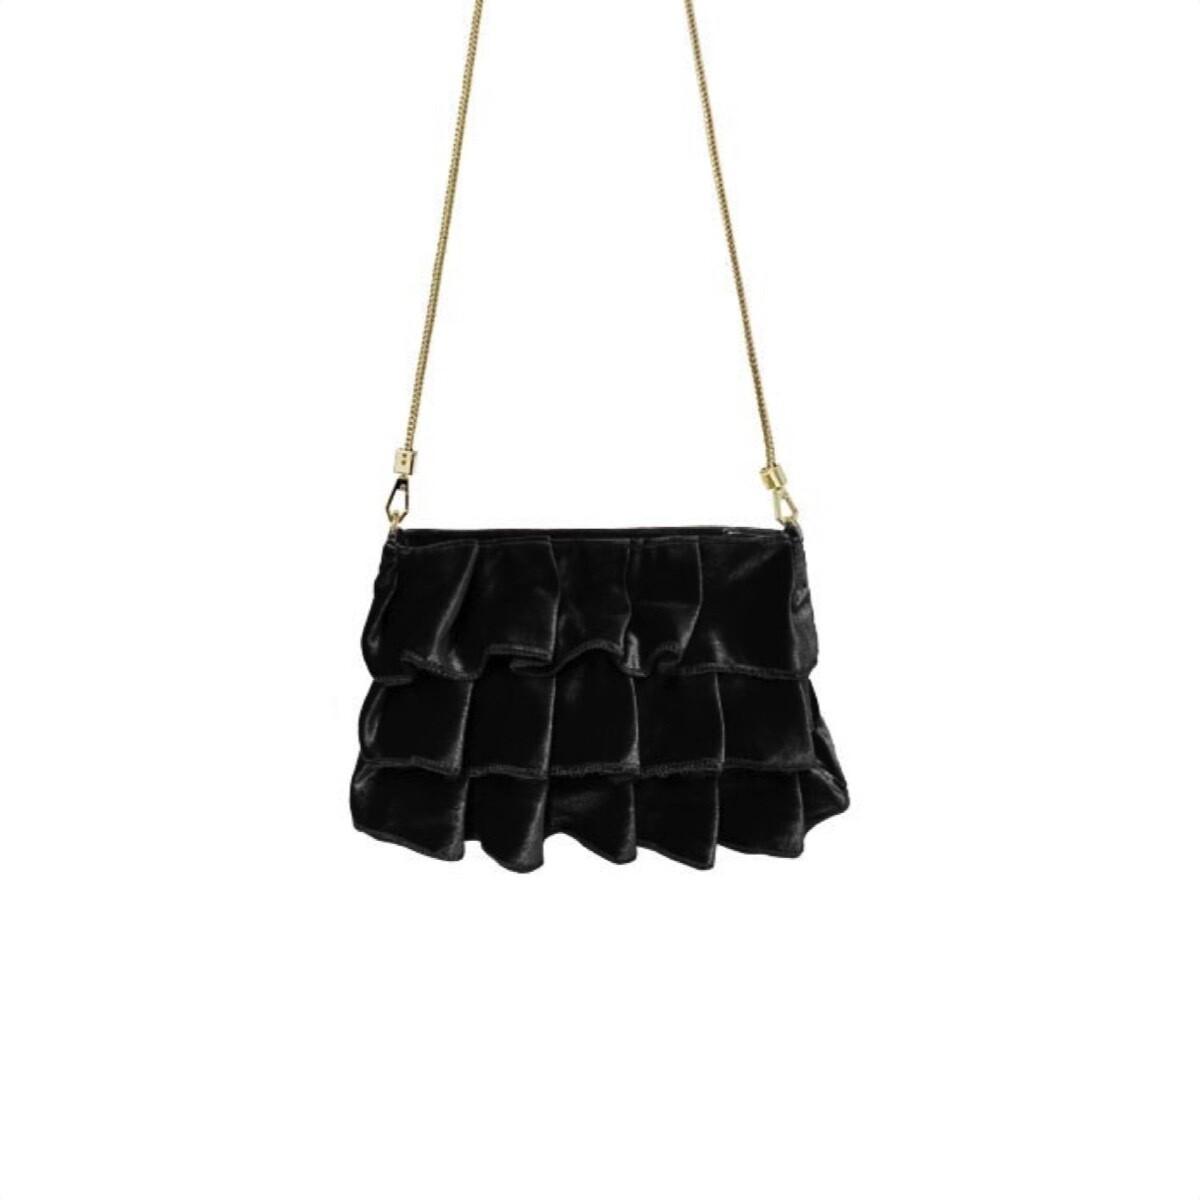 MIA BAG - Pochette Velluto Balze Personalizzabile - Nero